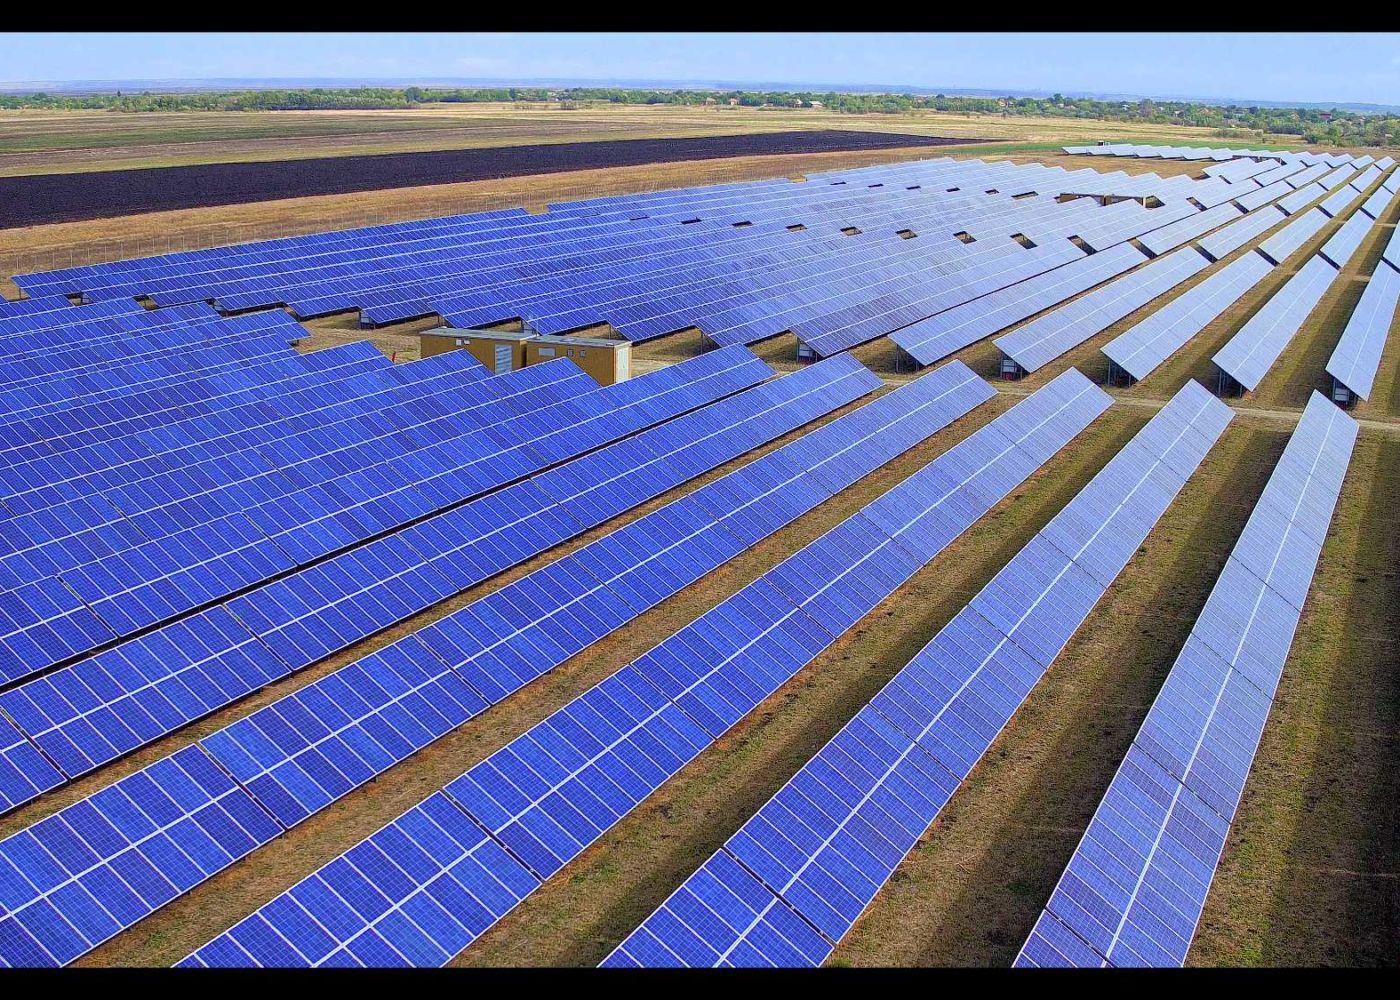 heliopolis_track-record_sviluppo fotovoltaico Italia